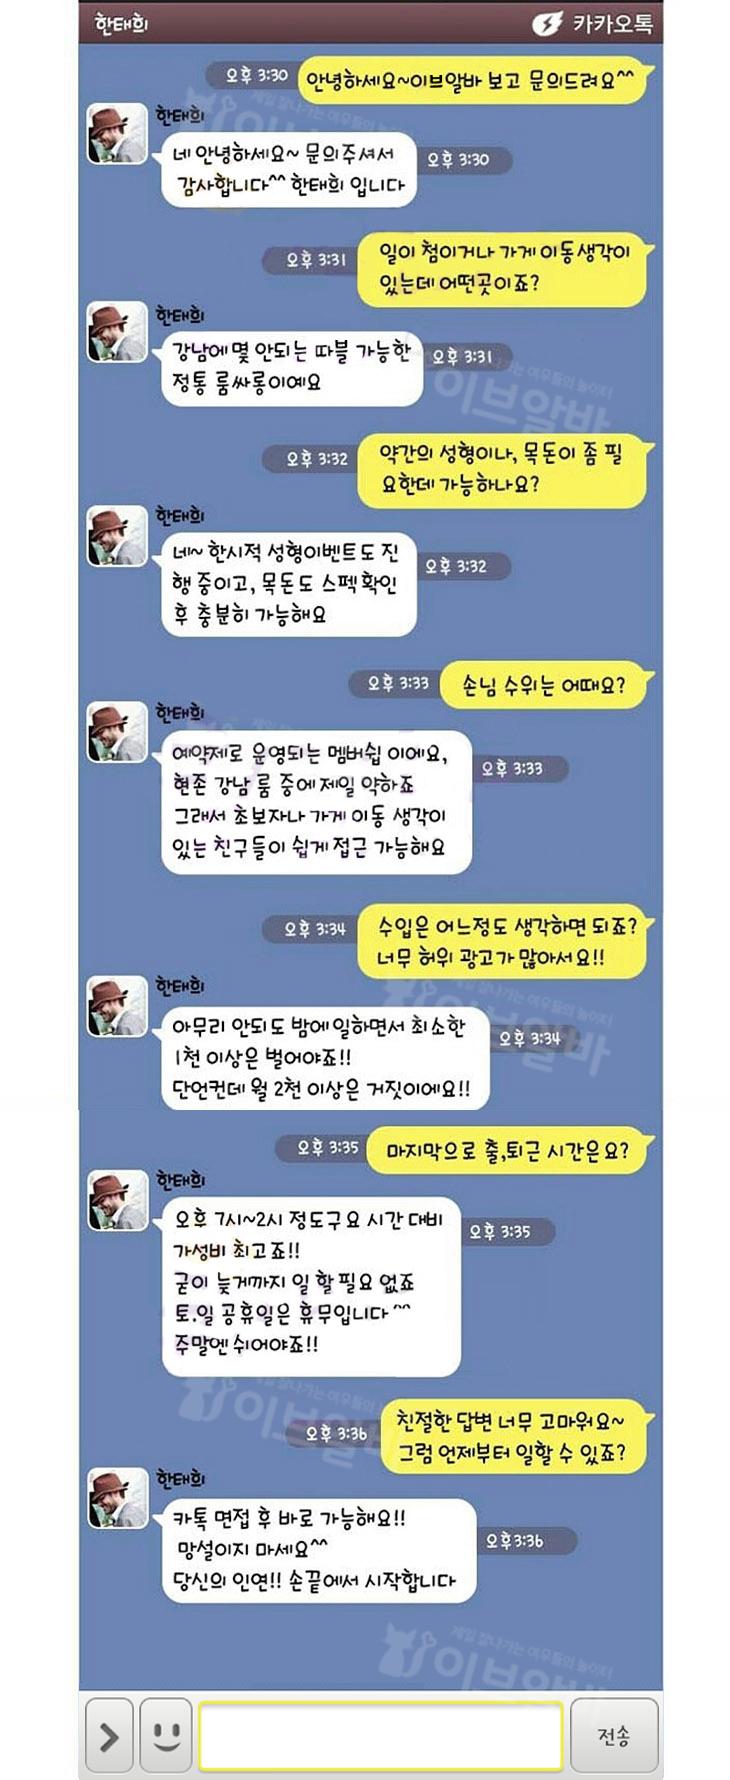 유흥알바 문의